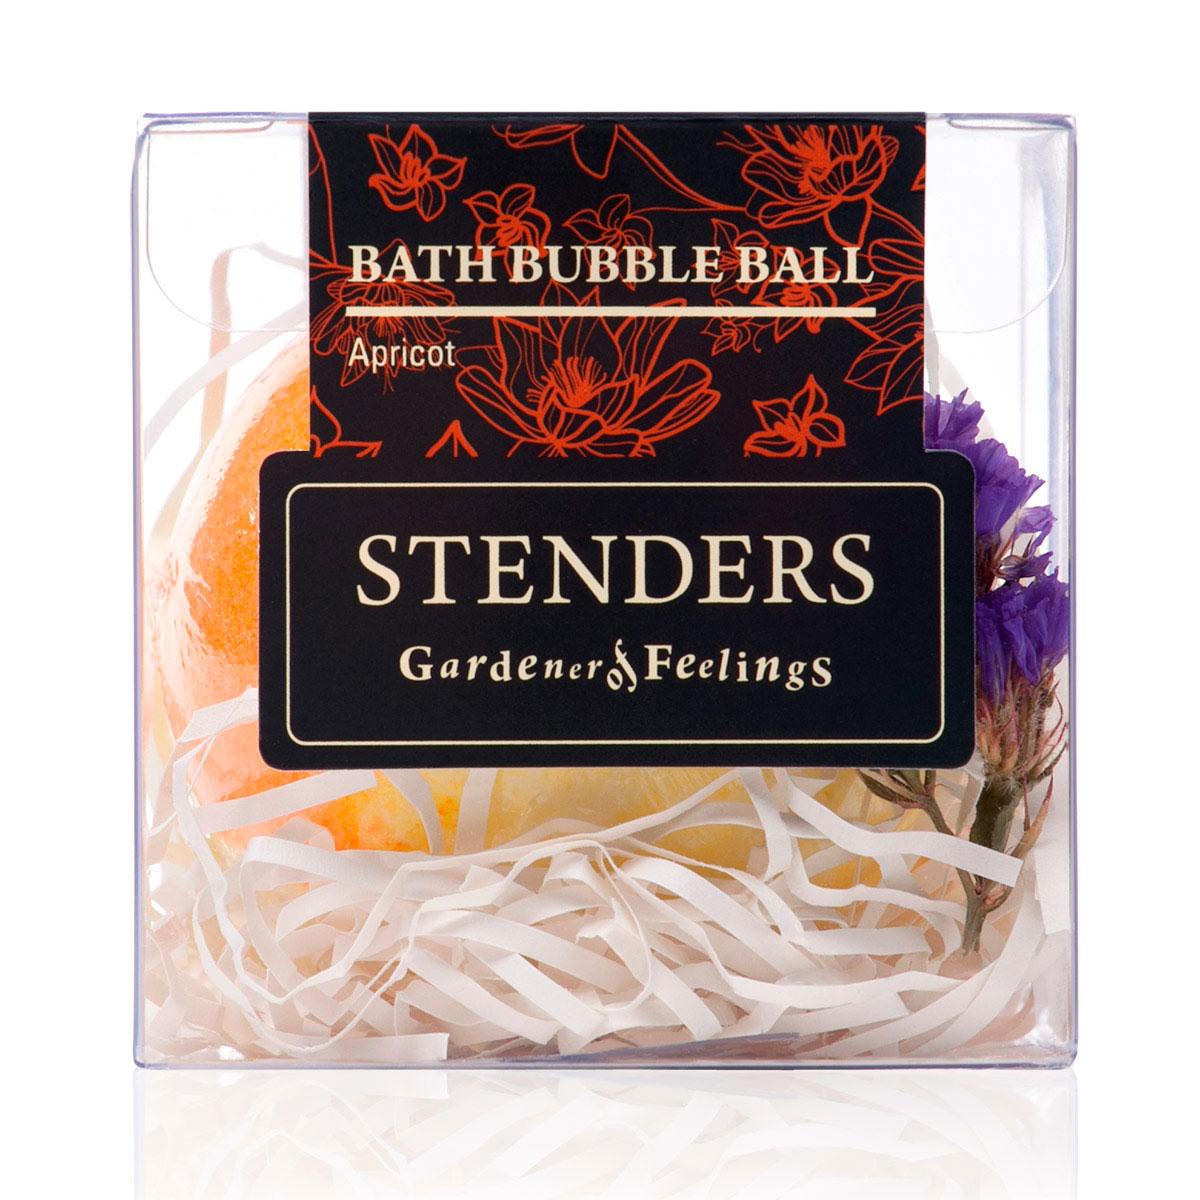 Stenders Бурлящий шар Абрикосовый, 125 гFS-00897Ваши любимые бурлящие шары, упакованные в красивую коробку - готовы удивлять и радовать. Этот изготовленный умелыми руками бурлящий шар для ванны наполнит помещение запахом сладкого абрикоса и ощущением солнечного лета. Для того чтобы позаботиться о вашей коже во время купания, мы добавили в этот шар натуральные кристаллы морской соли. После купания ощутите, какой нежной и гладкой сделало вашу кожу масло виноградных косточек.Масло виноградных косточек особенно хорошо тем, что содержит ненасыщенные жирные кислоты в большой концентрации. Оно придаст жизненную силу вашей коже, тщательно увлажняя и смягчая ее. Кристаллы соли моря богаты ионами кальция, калия и натрия. Эти вещества очистят вашу кожу и укрепят ногти. Релаксирующая ванна с солью помогает регулировать уровень влаги в клетках, устраняя припухлость и снимая усталость.